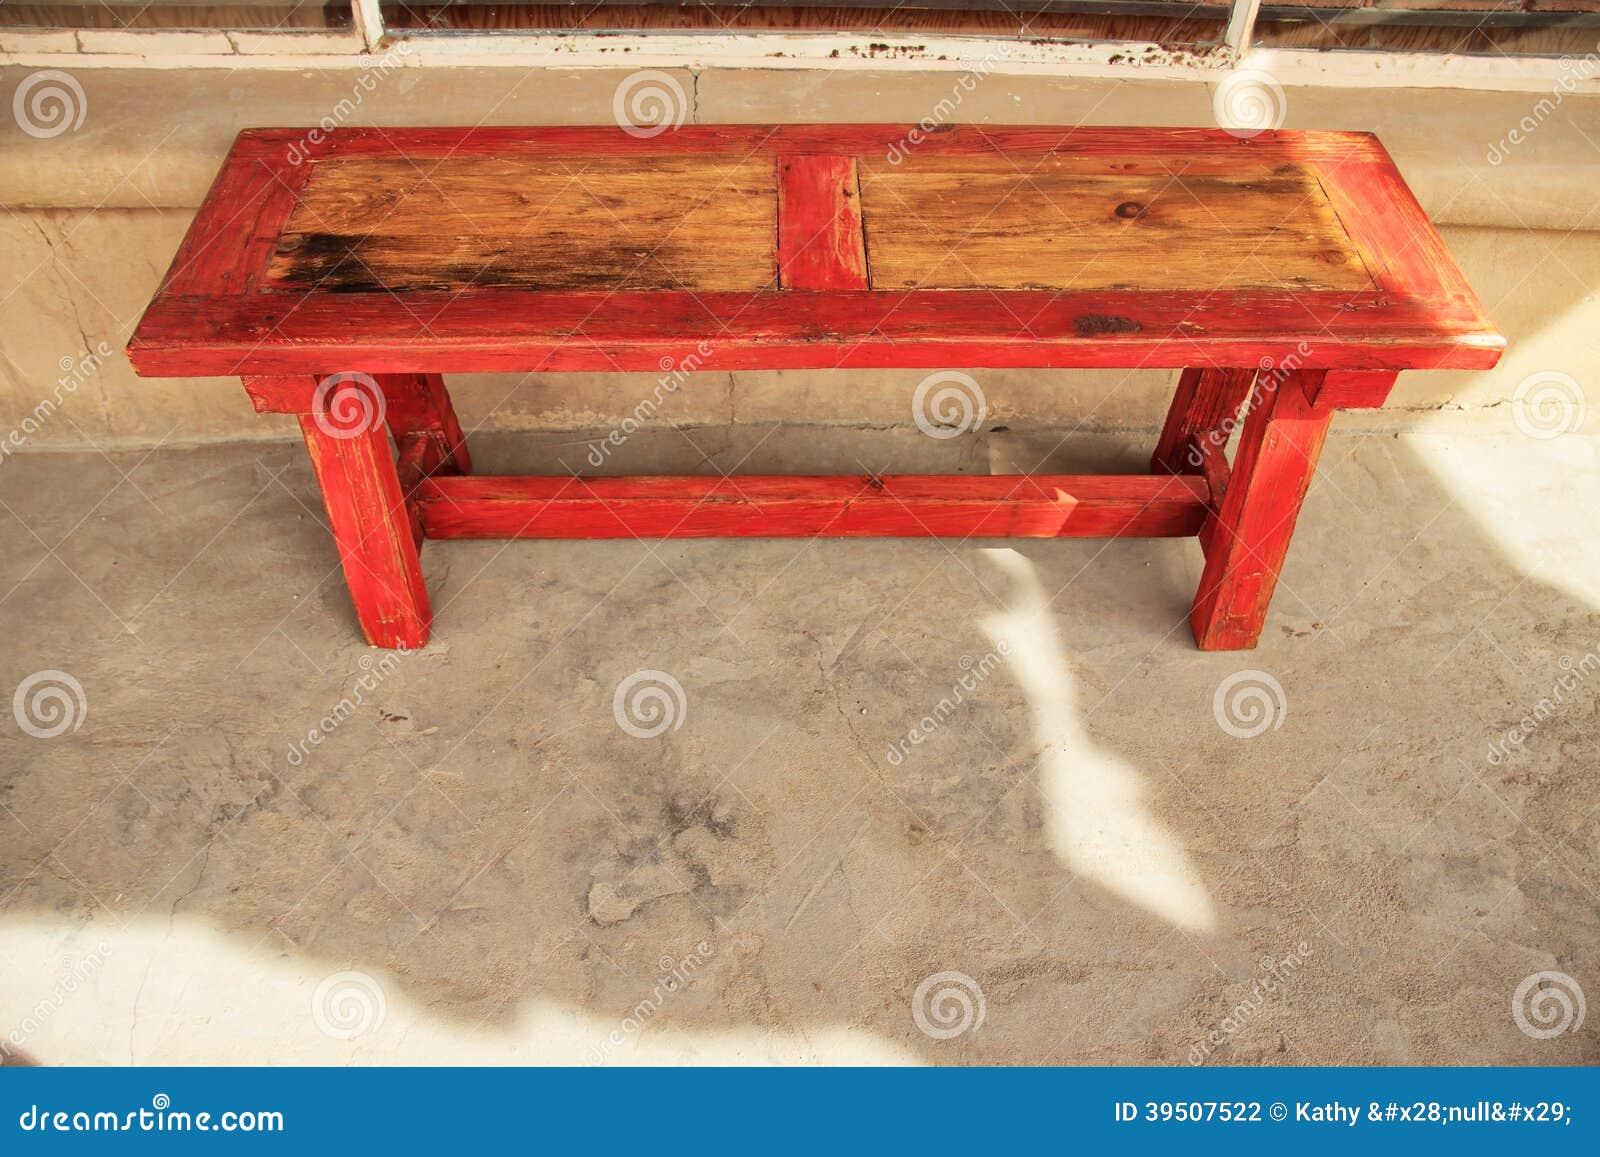 Banco de madeira aparado vermelho